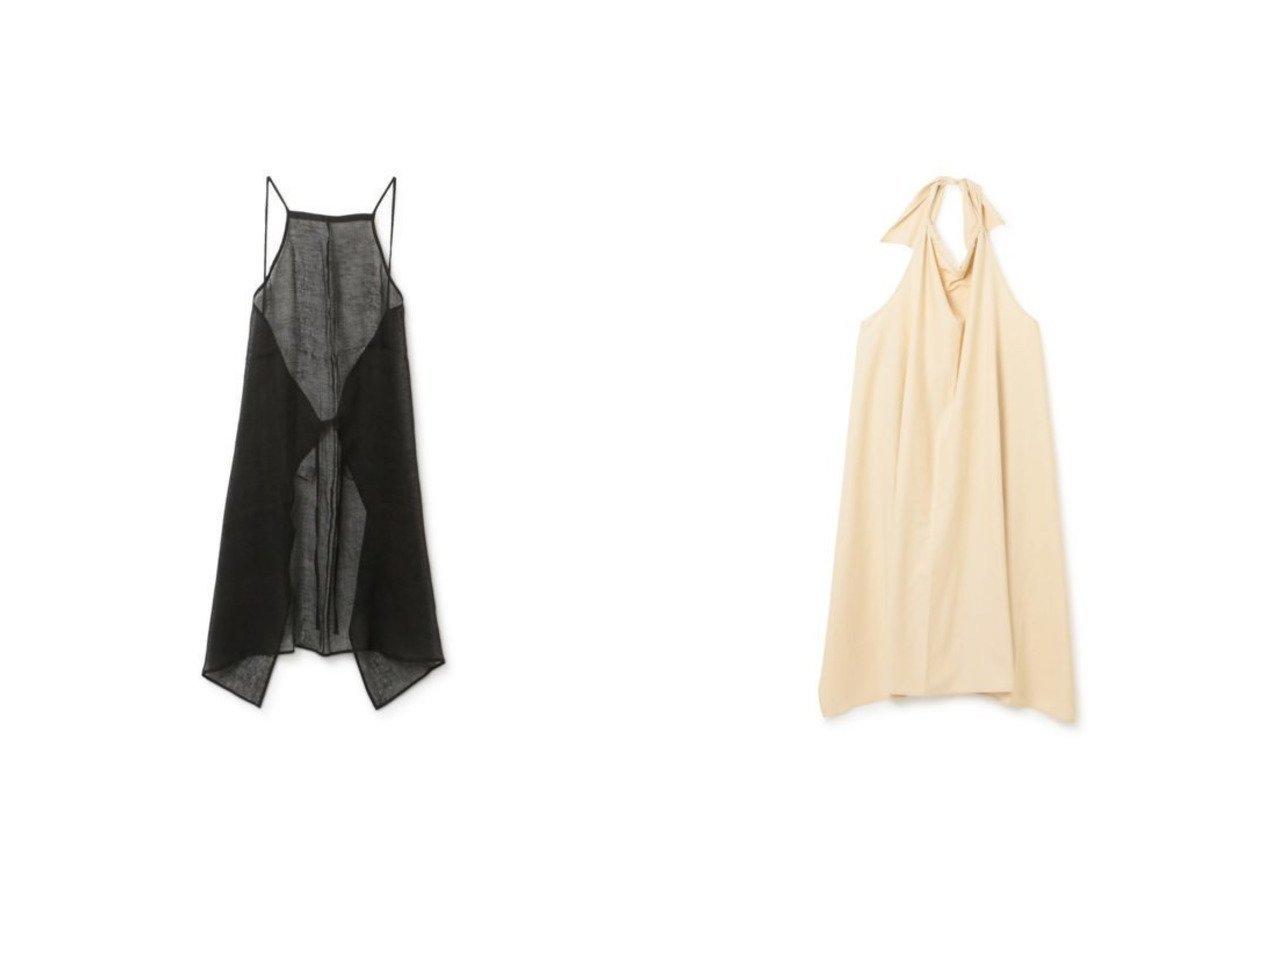 【Baserange/ベースレンジ】のYUMI APRON&DOUR APRON DRESS ワンピース・ドレスのおすすめ!人気、トレンド・レディースファッションの通販 おすすめで人気の流行・トレンド、ファッションの通販商品 メンズファッション・キッズファッション・インテリア・家具・レディースファッション・服の通販 founy(ファニー) https://founy.com/ ファッション Fashion レディースファッション WOMEN ワンピース Dress ドレス Party Dresses インナー ドレス ノースリーブ フォーマル リネン シルク モダン ロング |ID:crp329100000009389